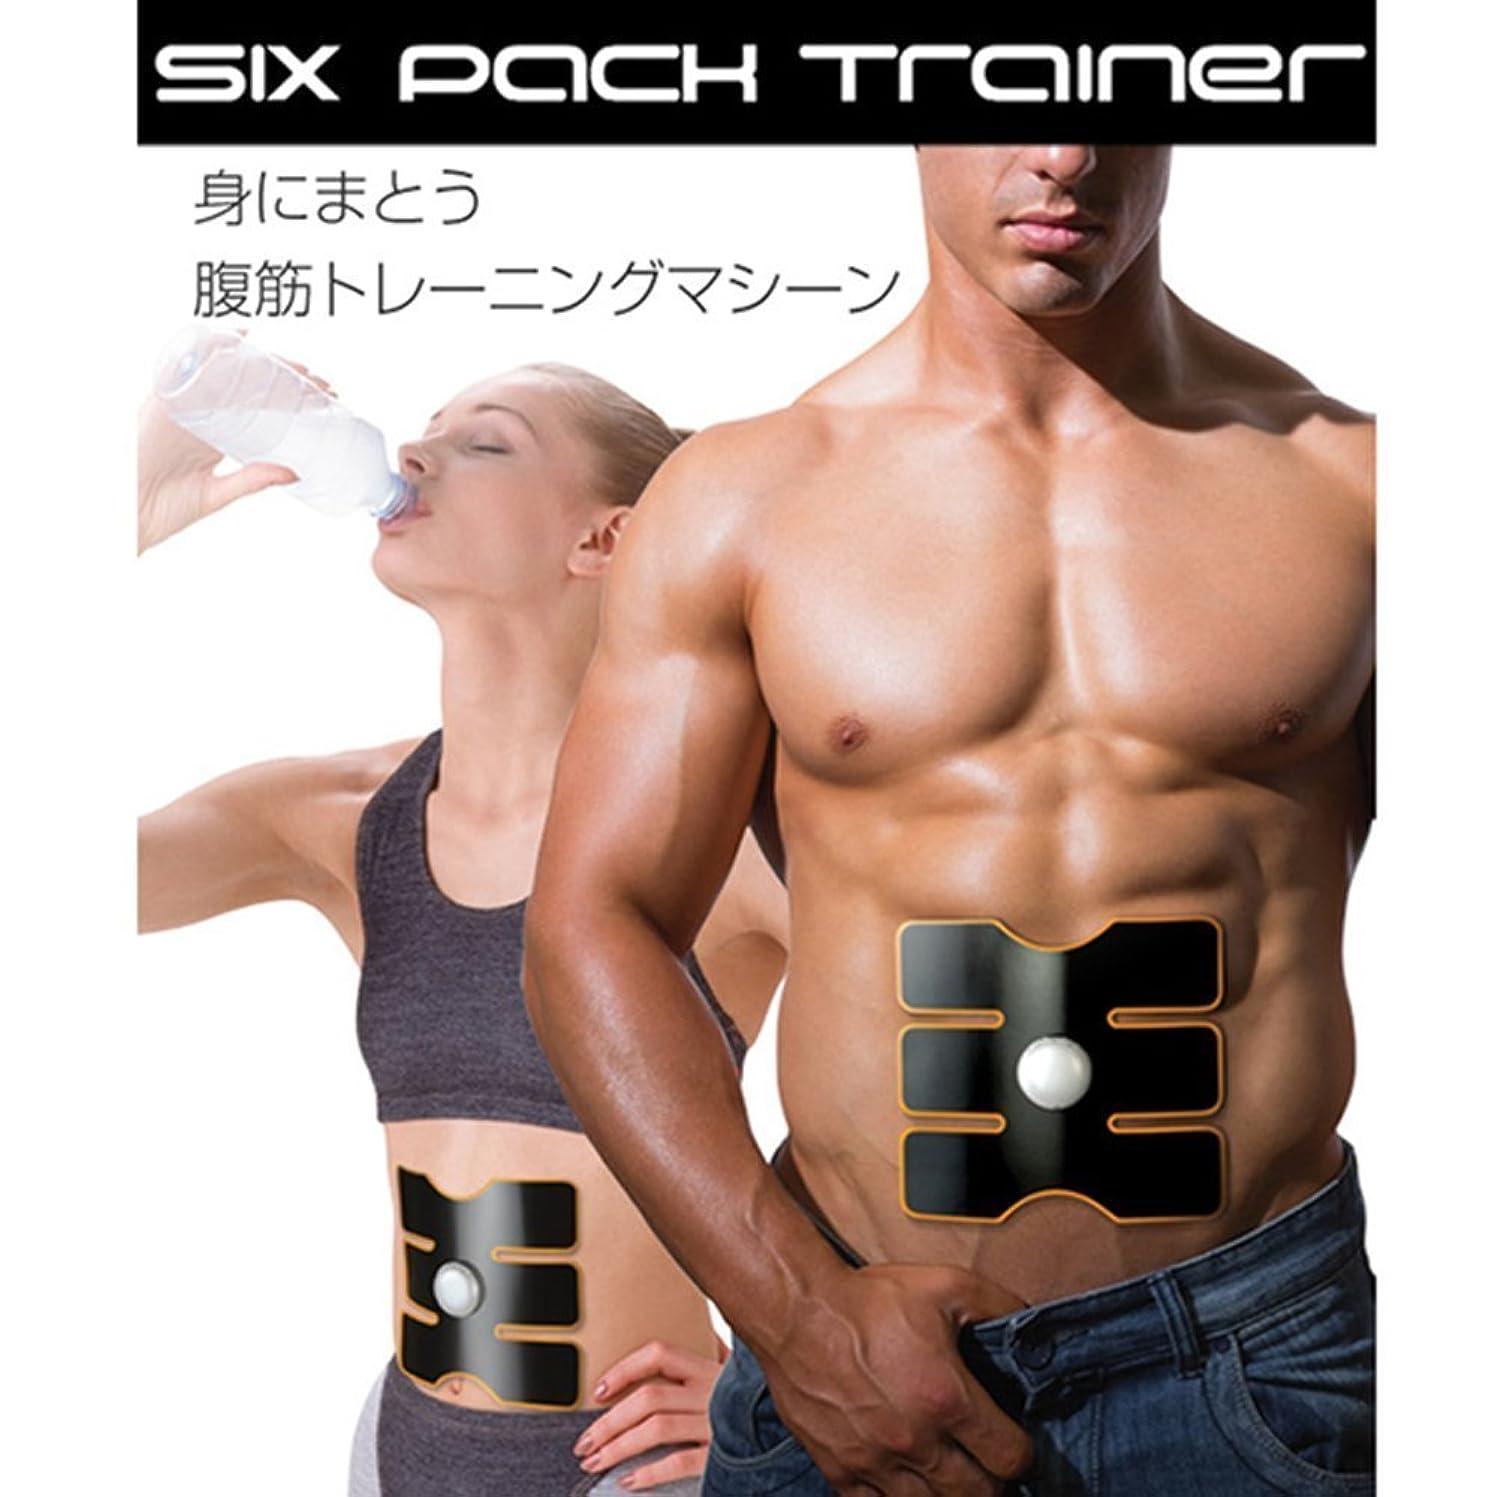 ミス従者誠意筋肉トレーニングマシーンSIX PACK TRAINER WGSP074